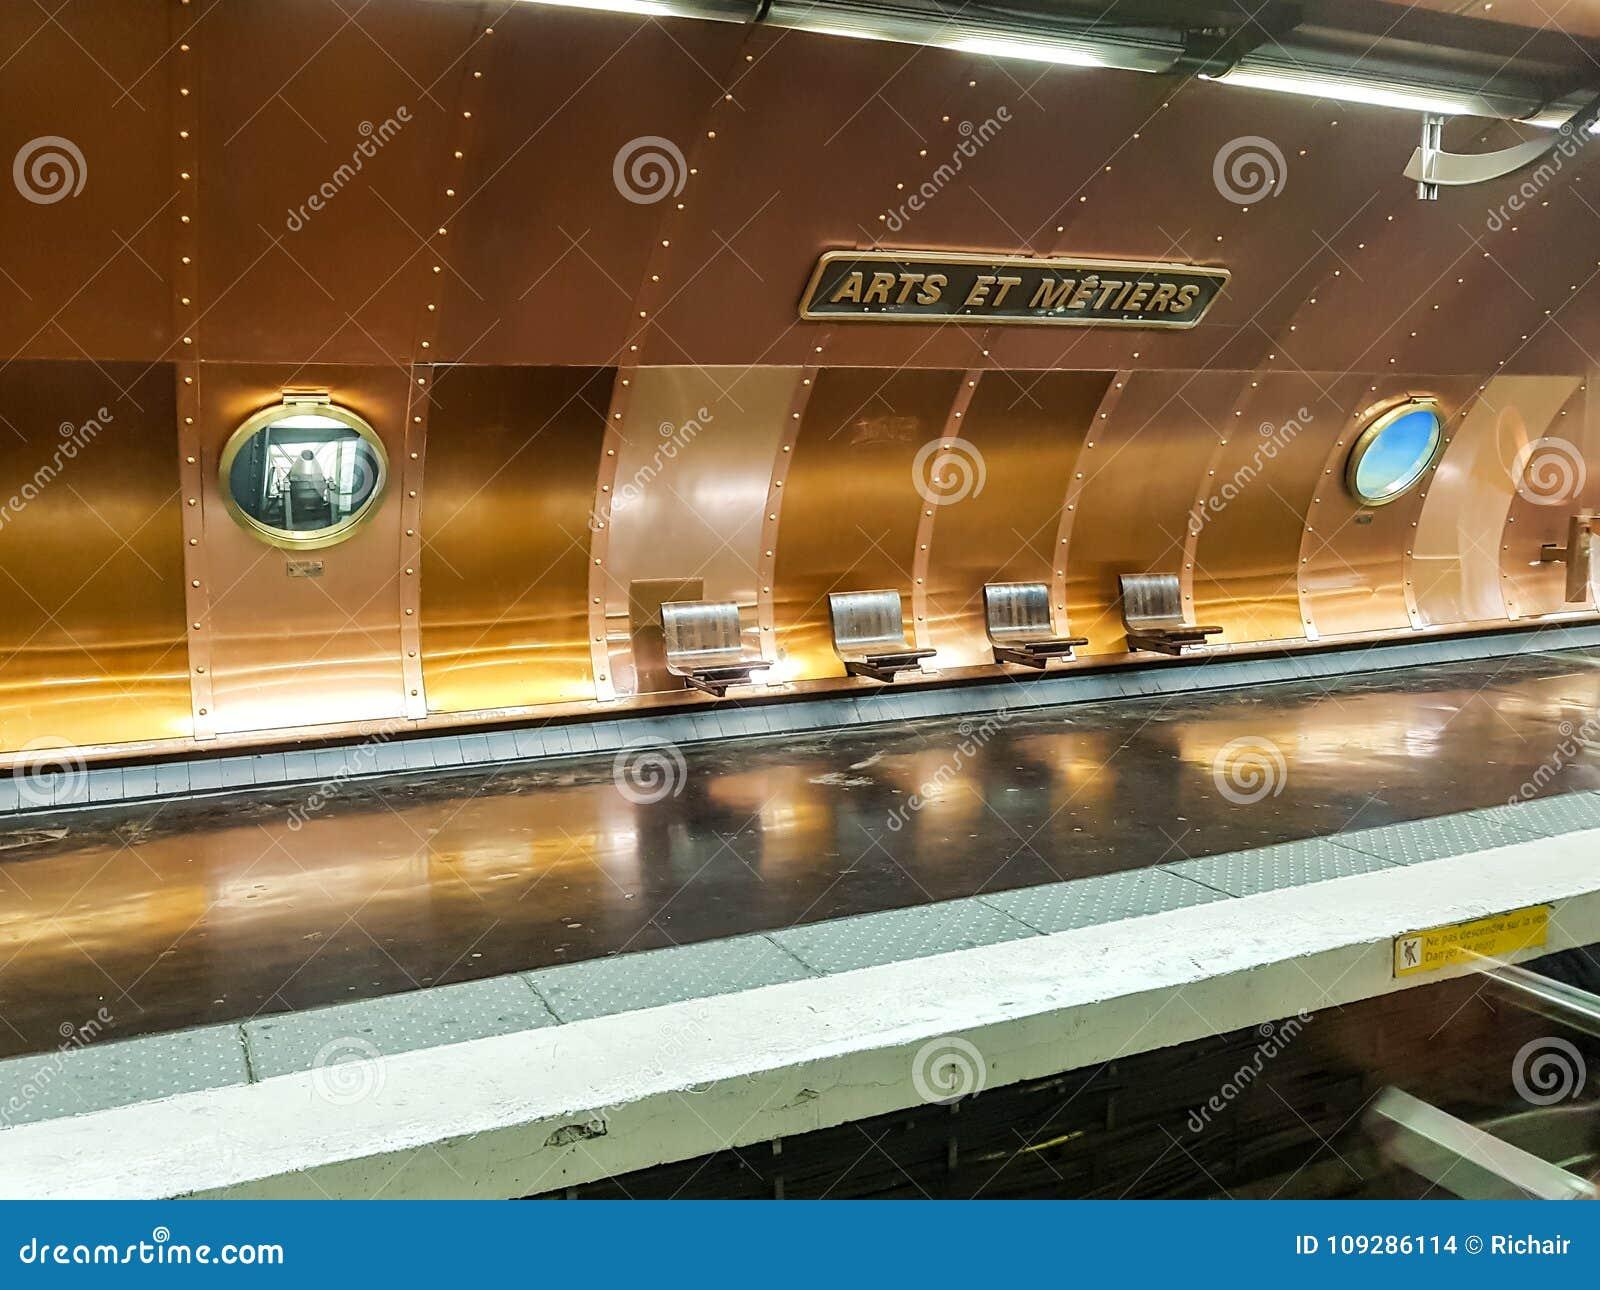 Arts et station de métro de métiers